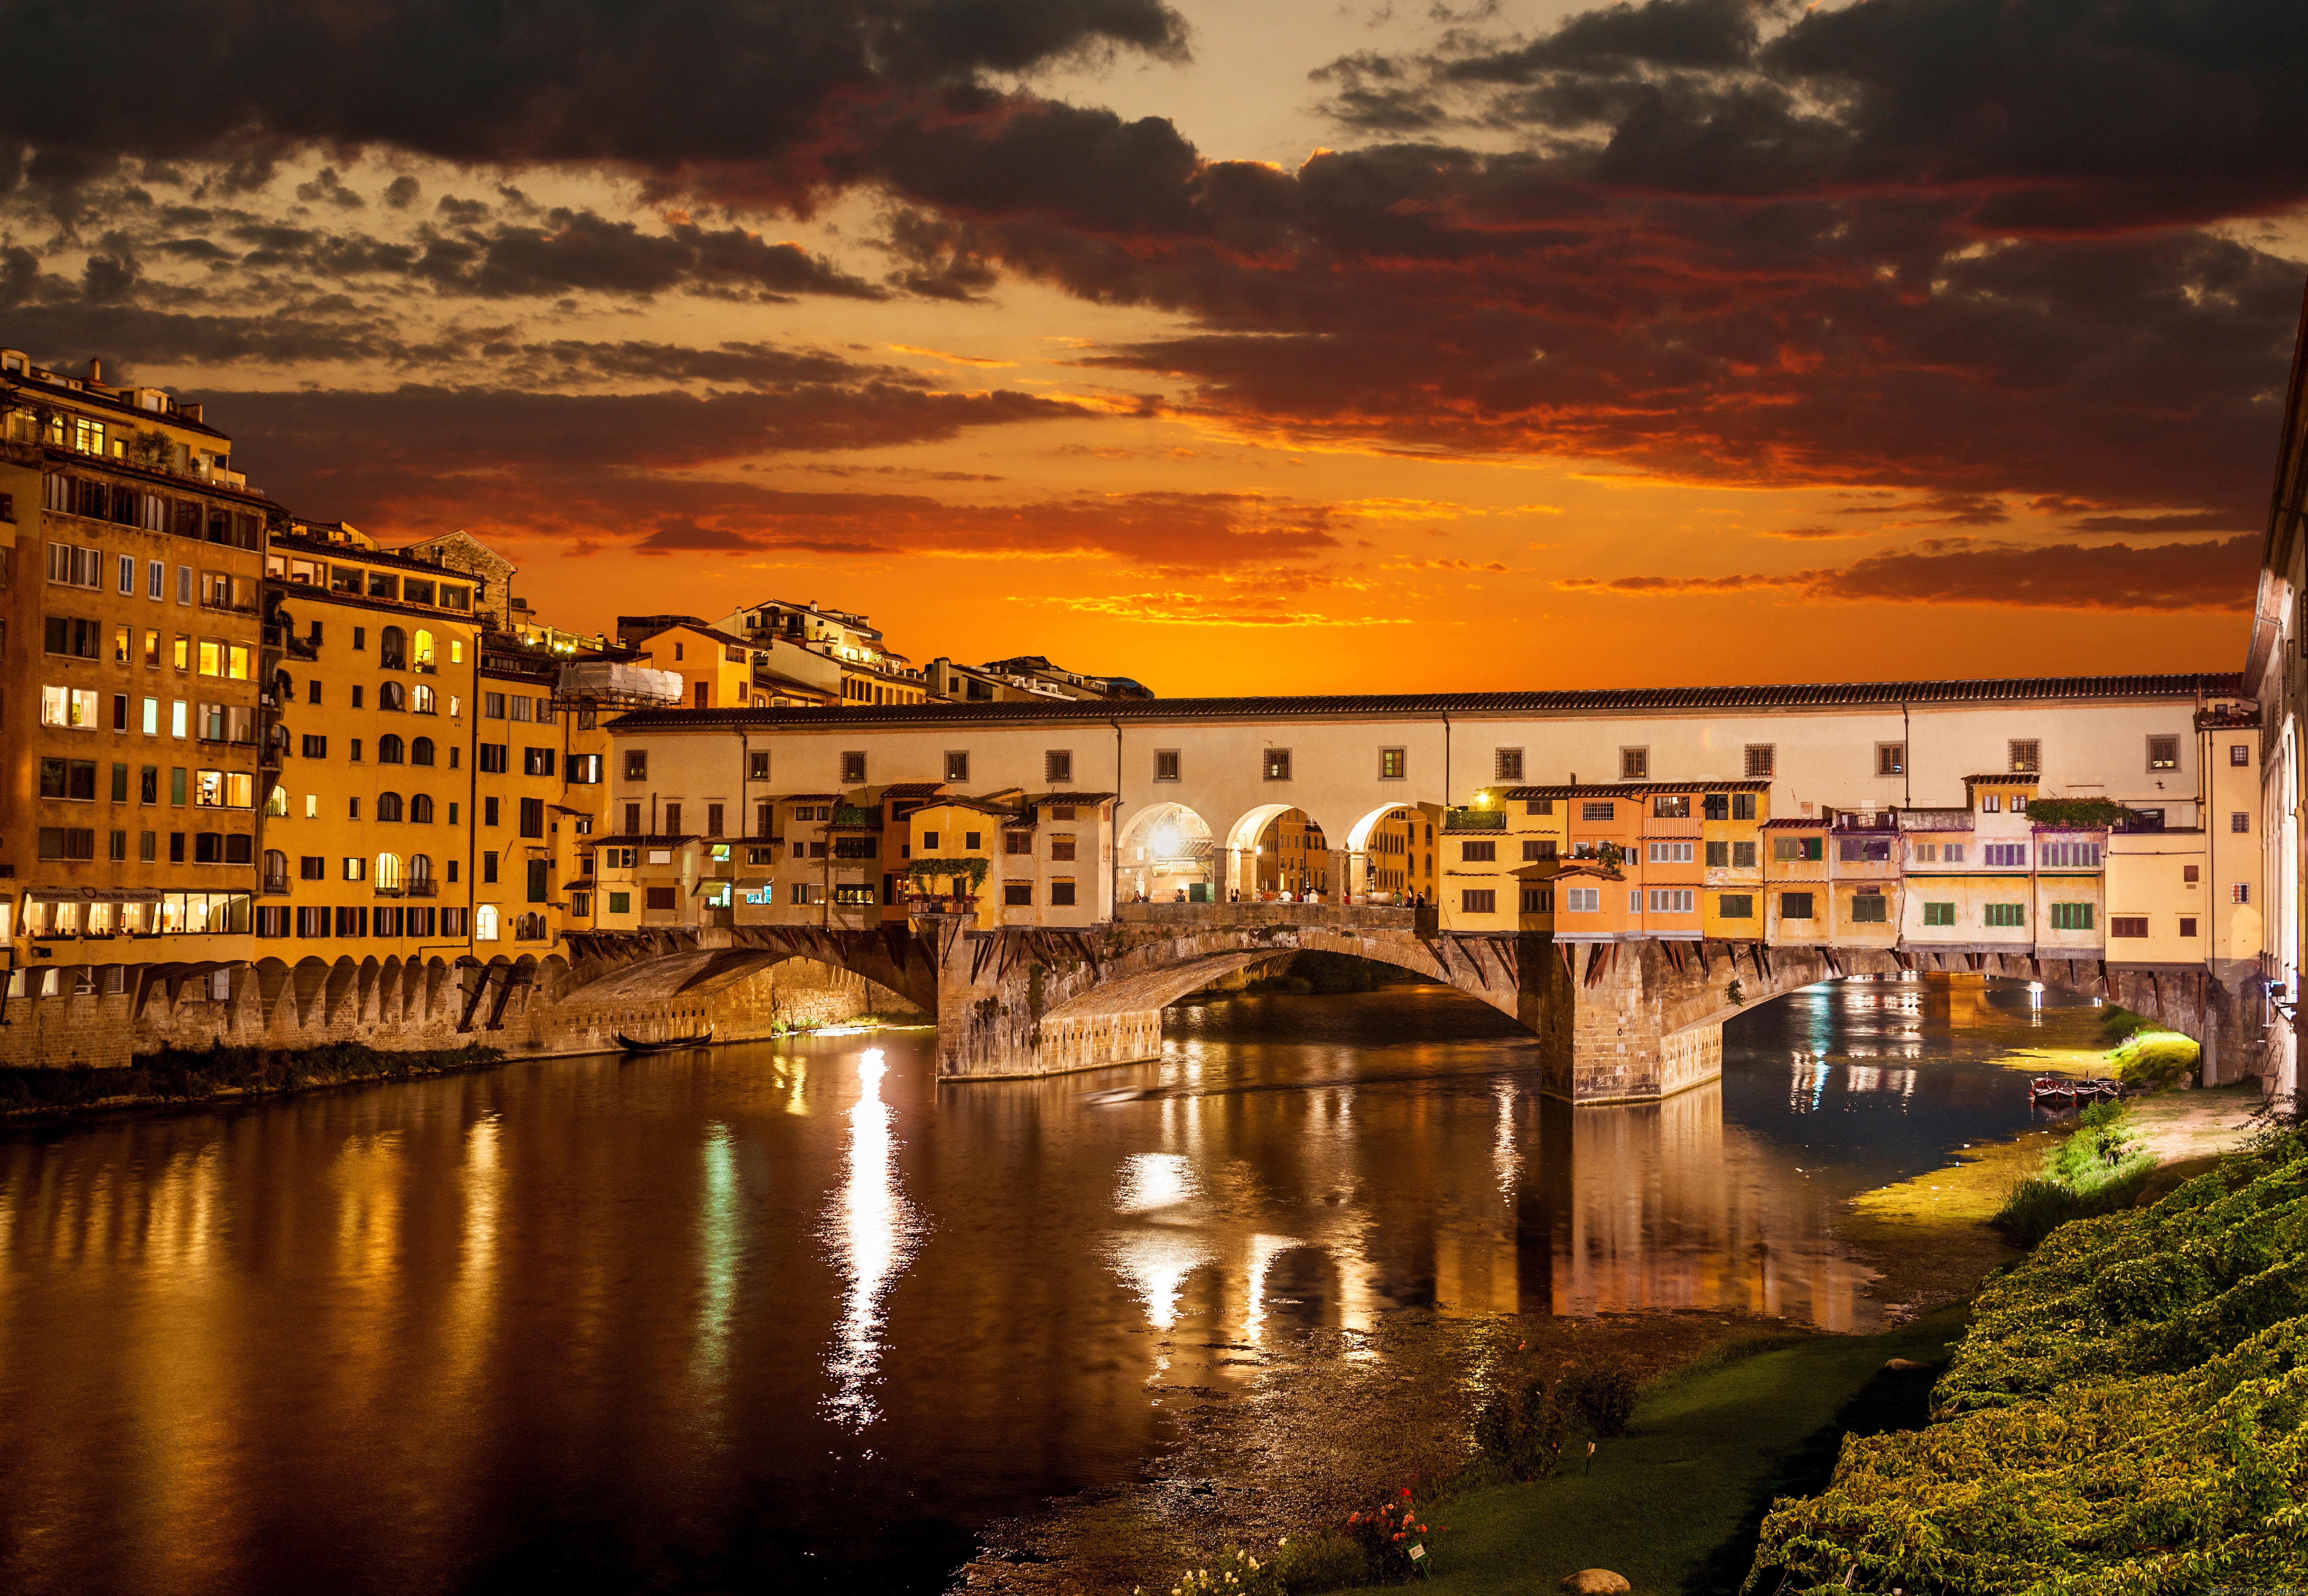 https://www.casalina.eu/wp-content/uploads/2017/05/278-il-vecchio-ponte-di-ponte-vecchio-a-firenze.jpg